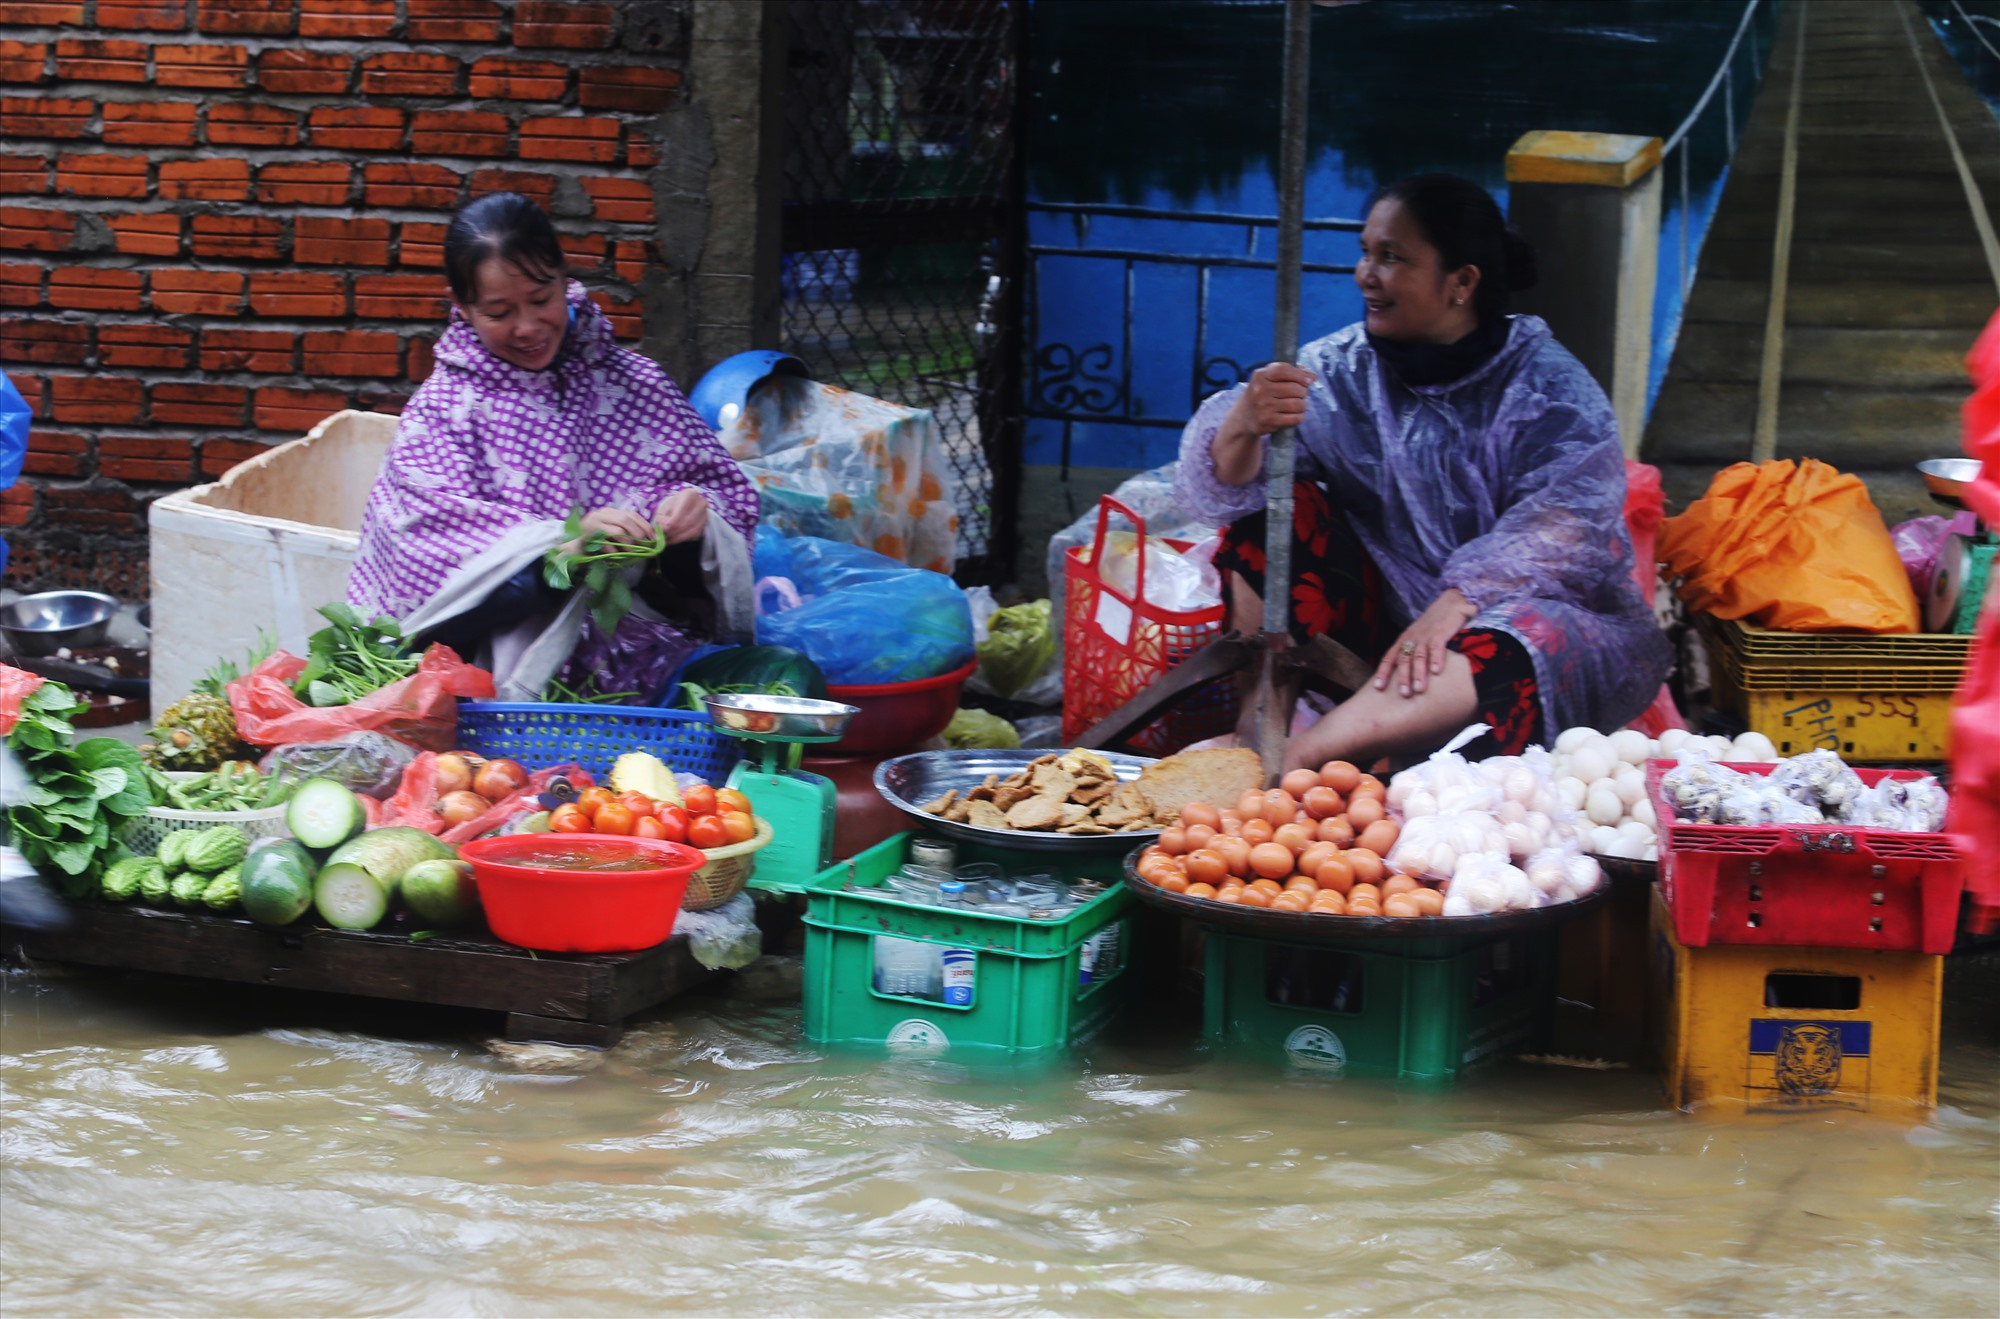 Ông Huỳnh Ngọc Hùng - Chủ tịch UBND xã Cẩm Kim cho biết có 150/1054 hộ trên địa bàn xã đang bị ngập nước. Trong đó, hơn 20 hộ dân thực hiện di dời vì nước ngập sâu.